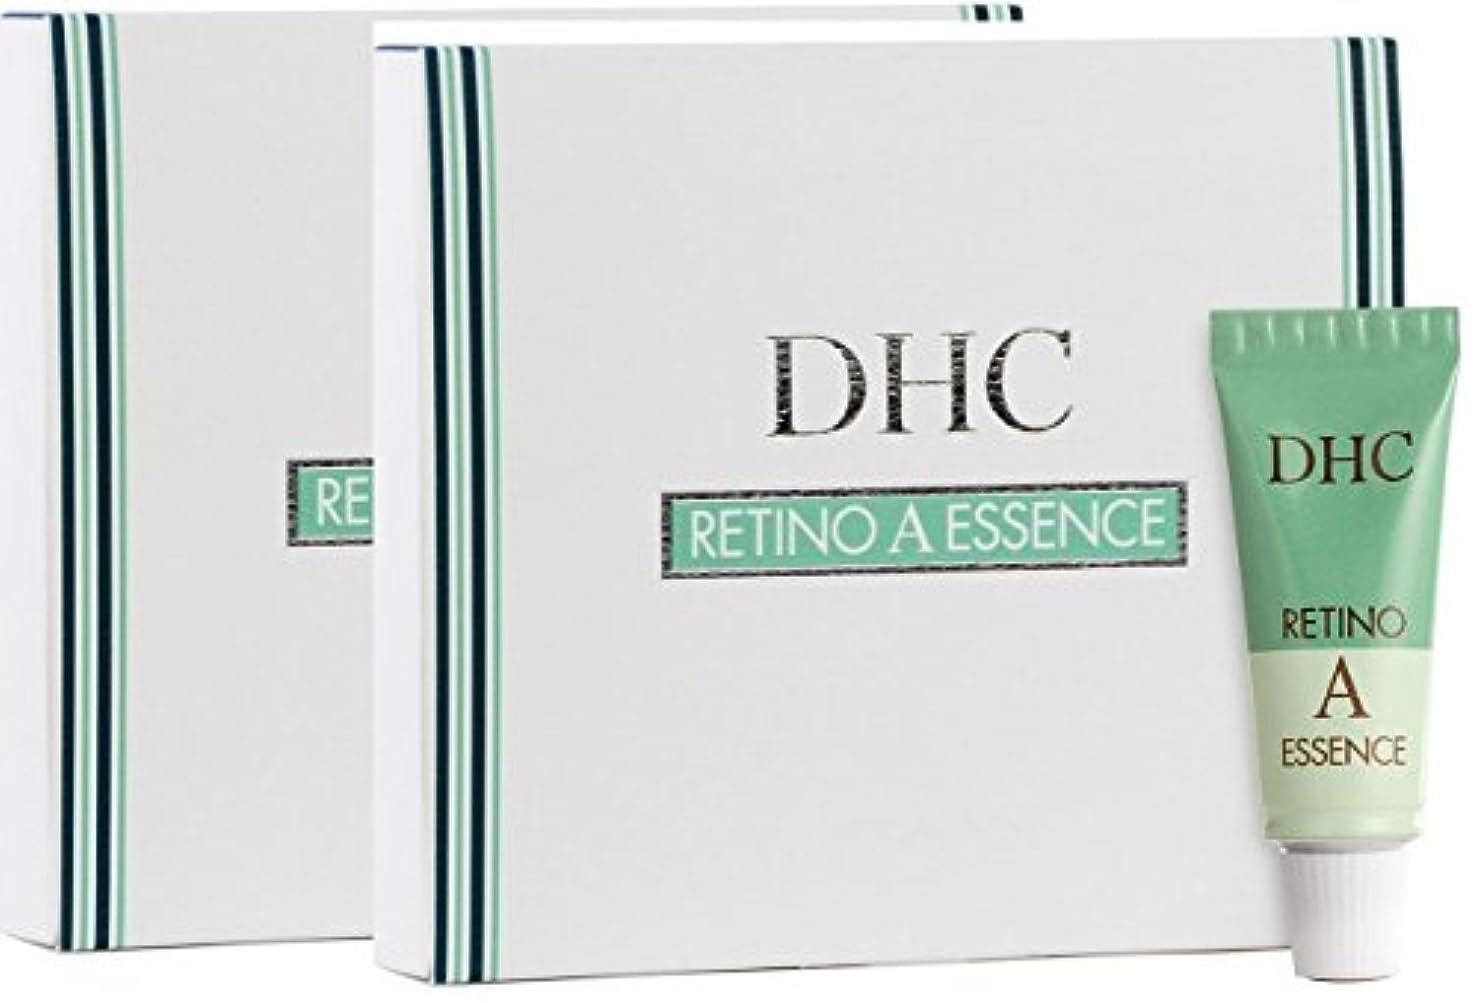 地下室剥ぎ取る請願者【2個セット】DHC薬用レチノAエッセンス